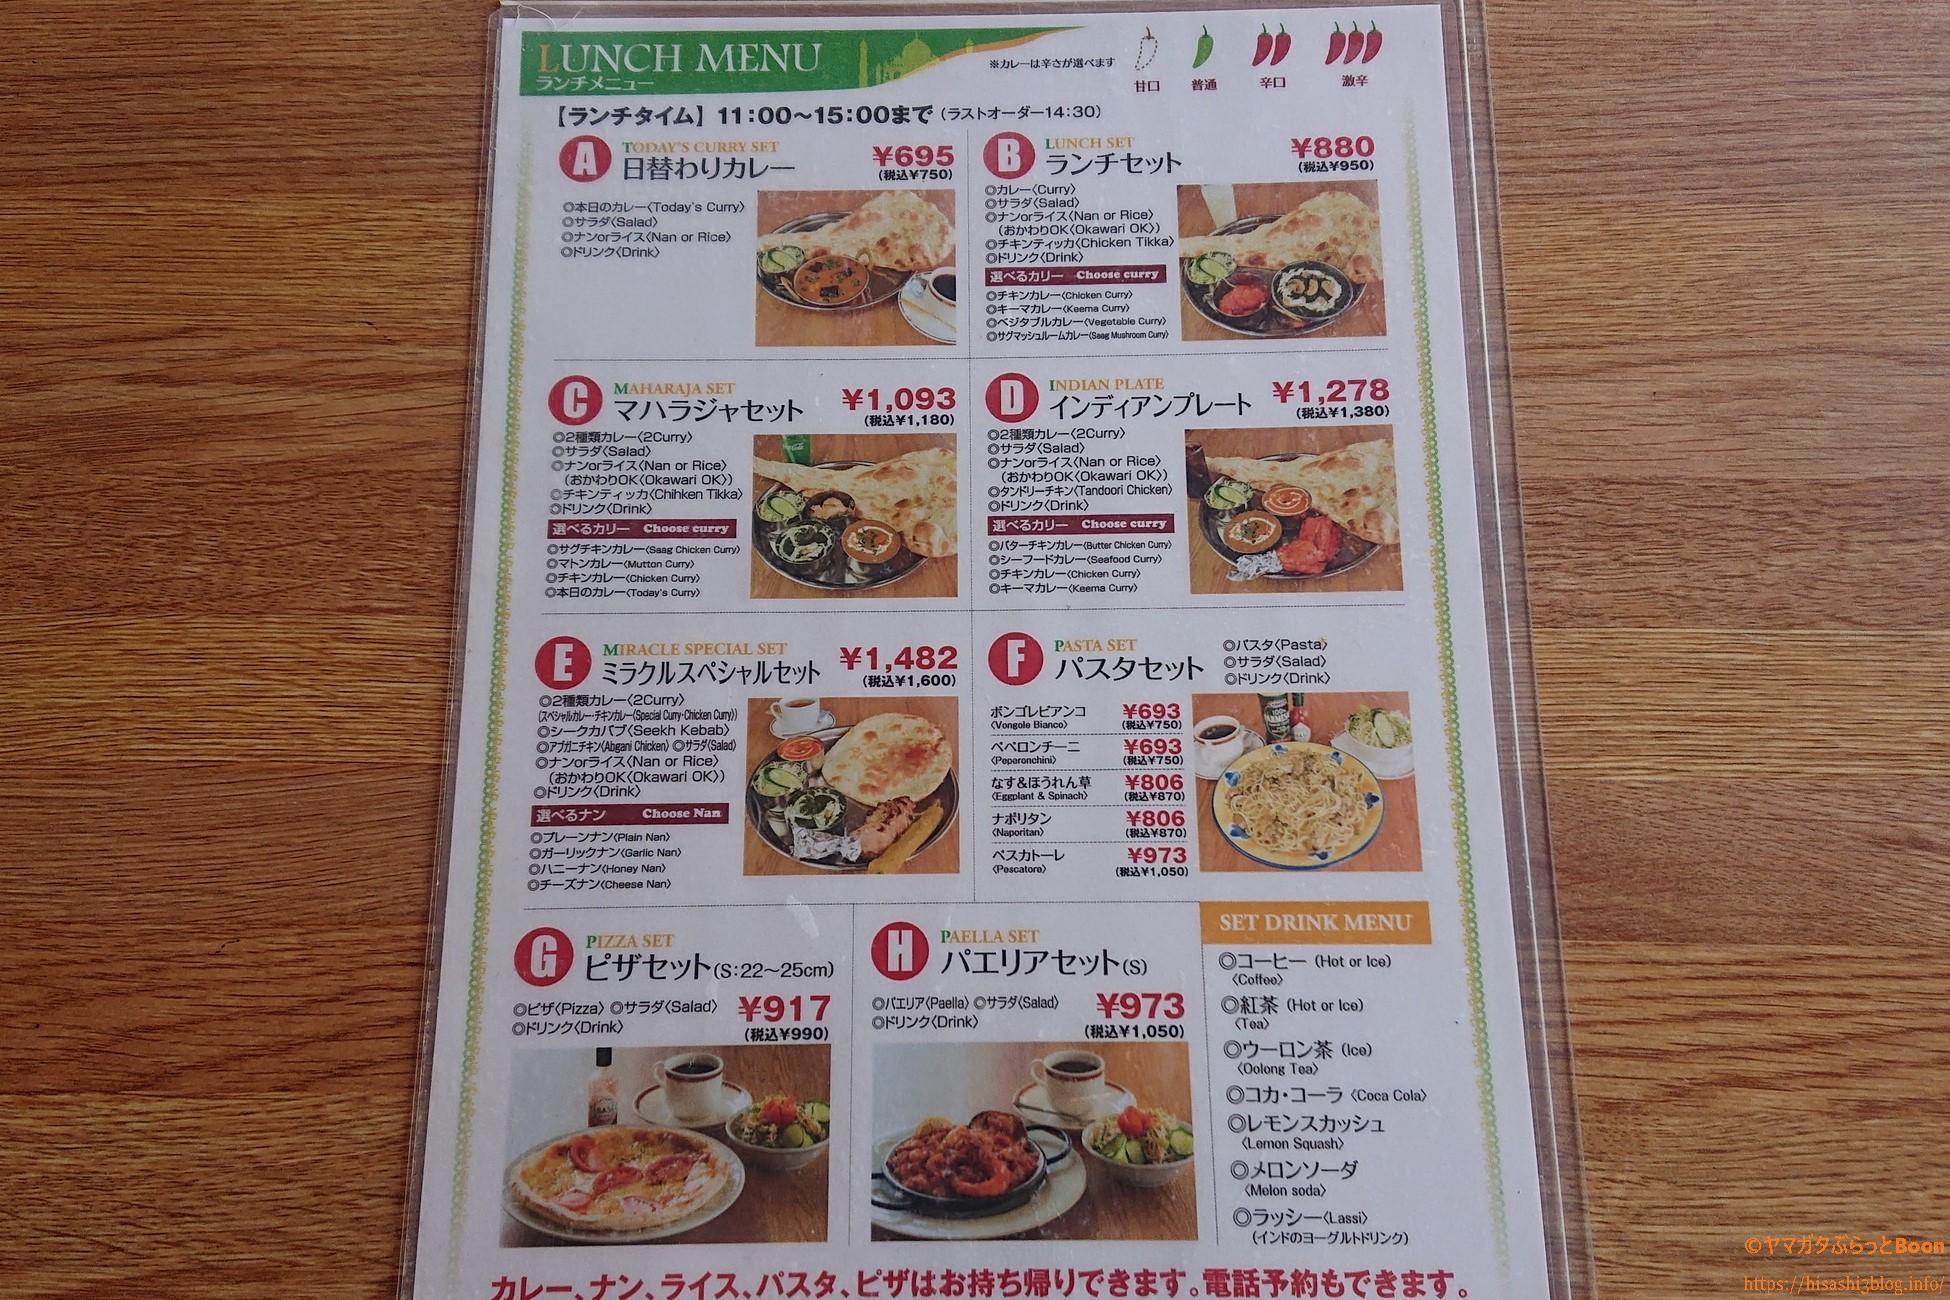 ミラクル ワールドレストラン&バーのメニュー1